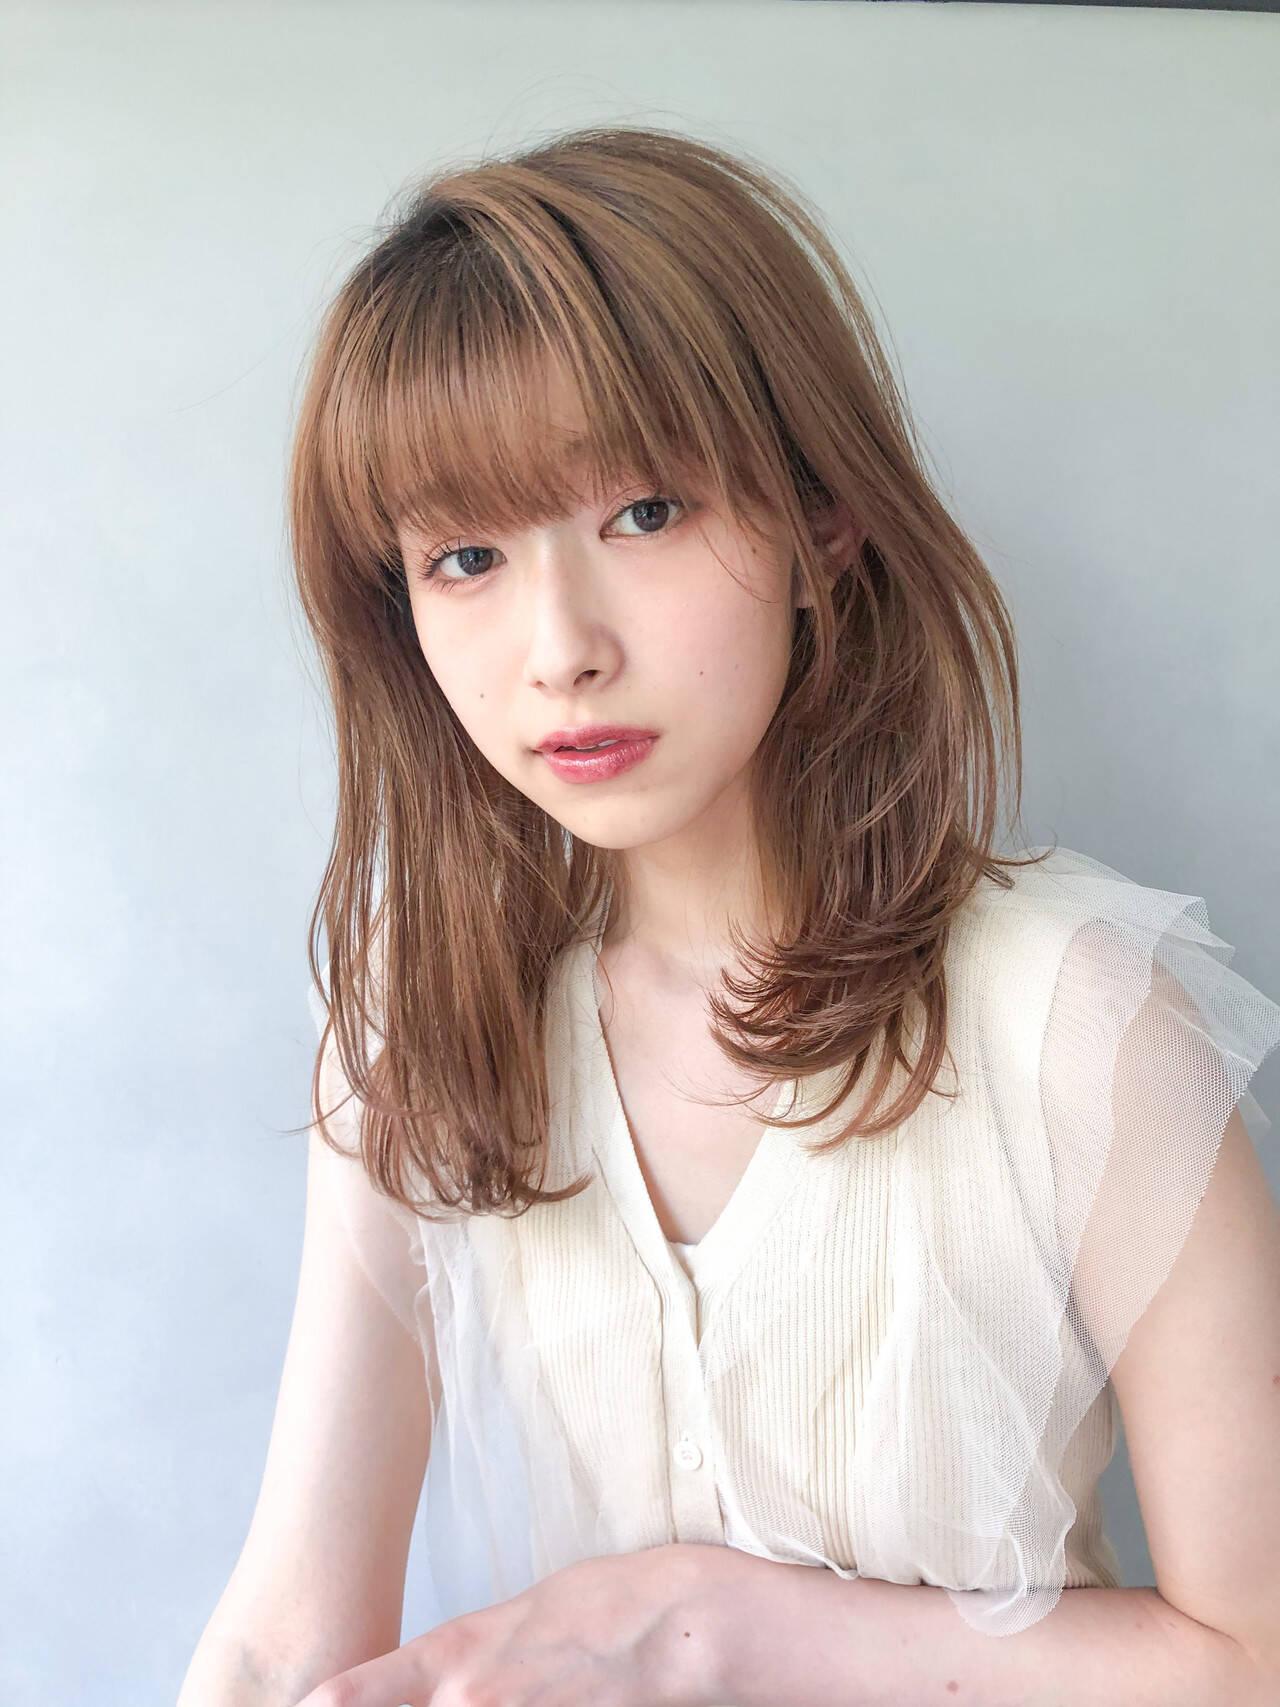 シルバーグレージュ ベリーピンク ミニボブ ショートヘアヘアスタイルや髪型の写真・画像